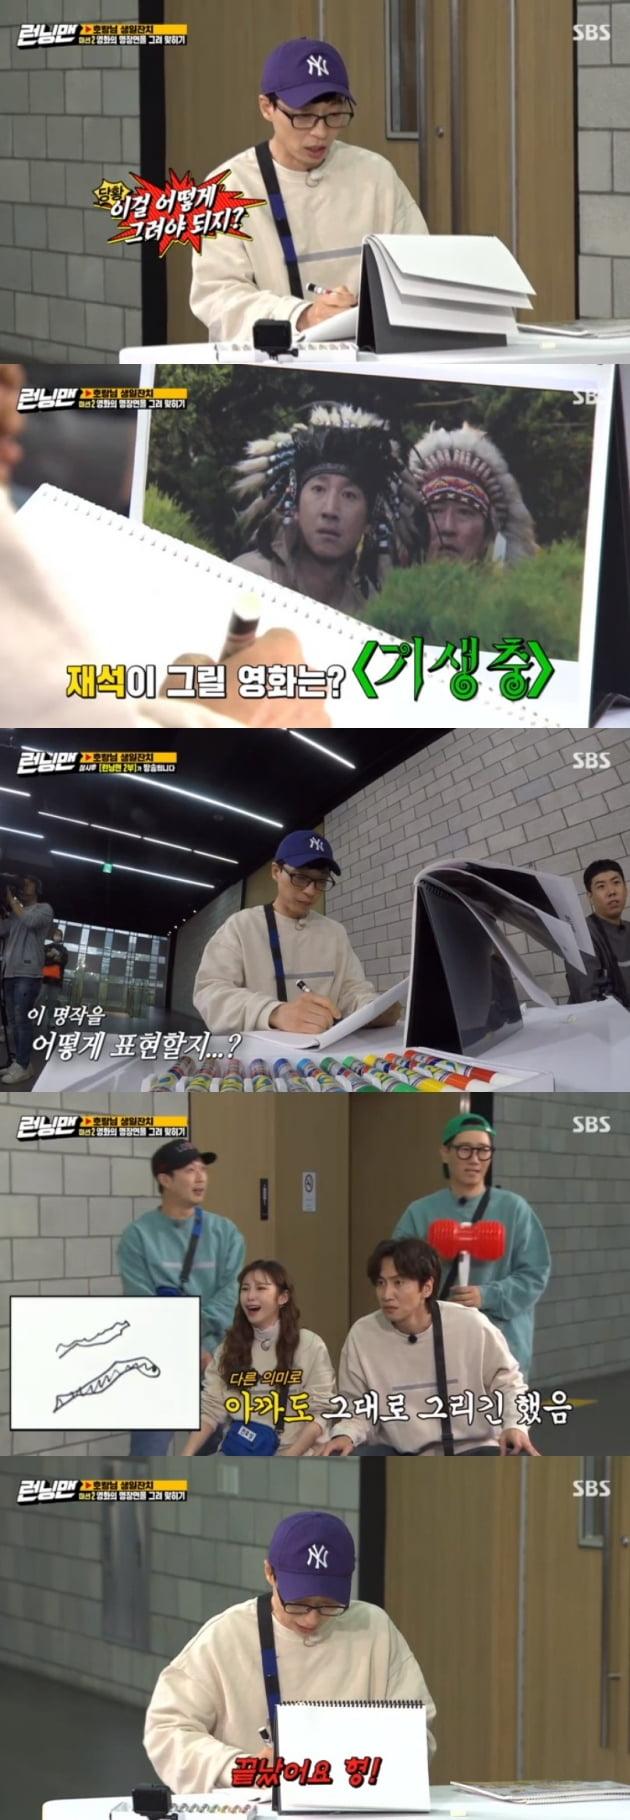 '런닝맨' 유재석 / 사진 = SBS 영상 캡처